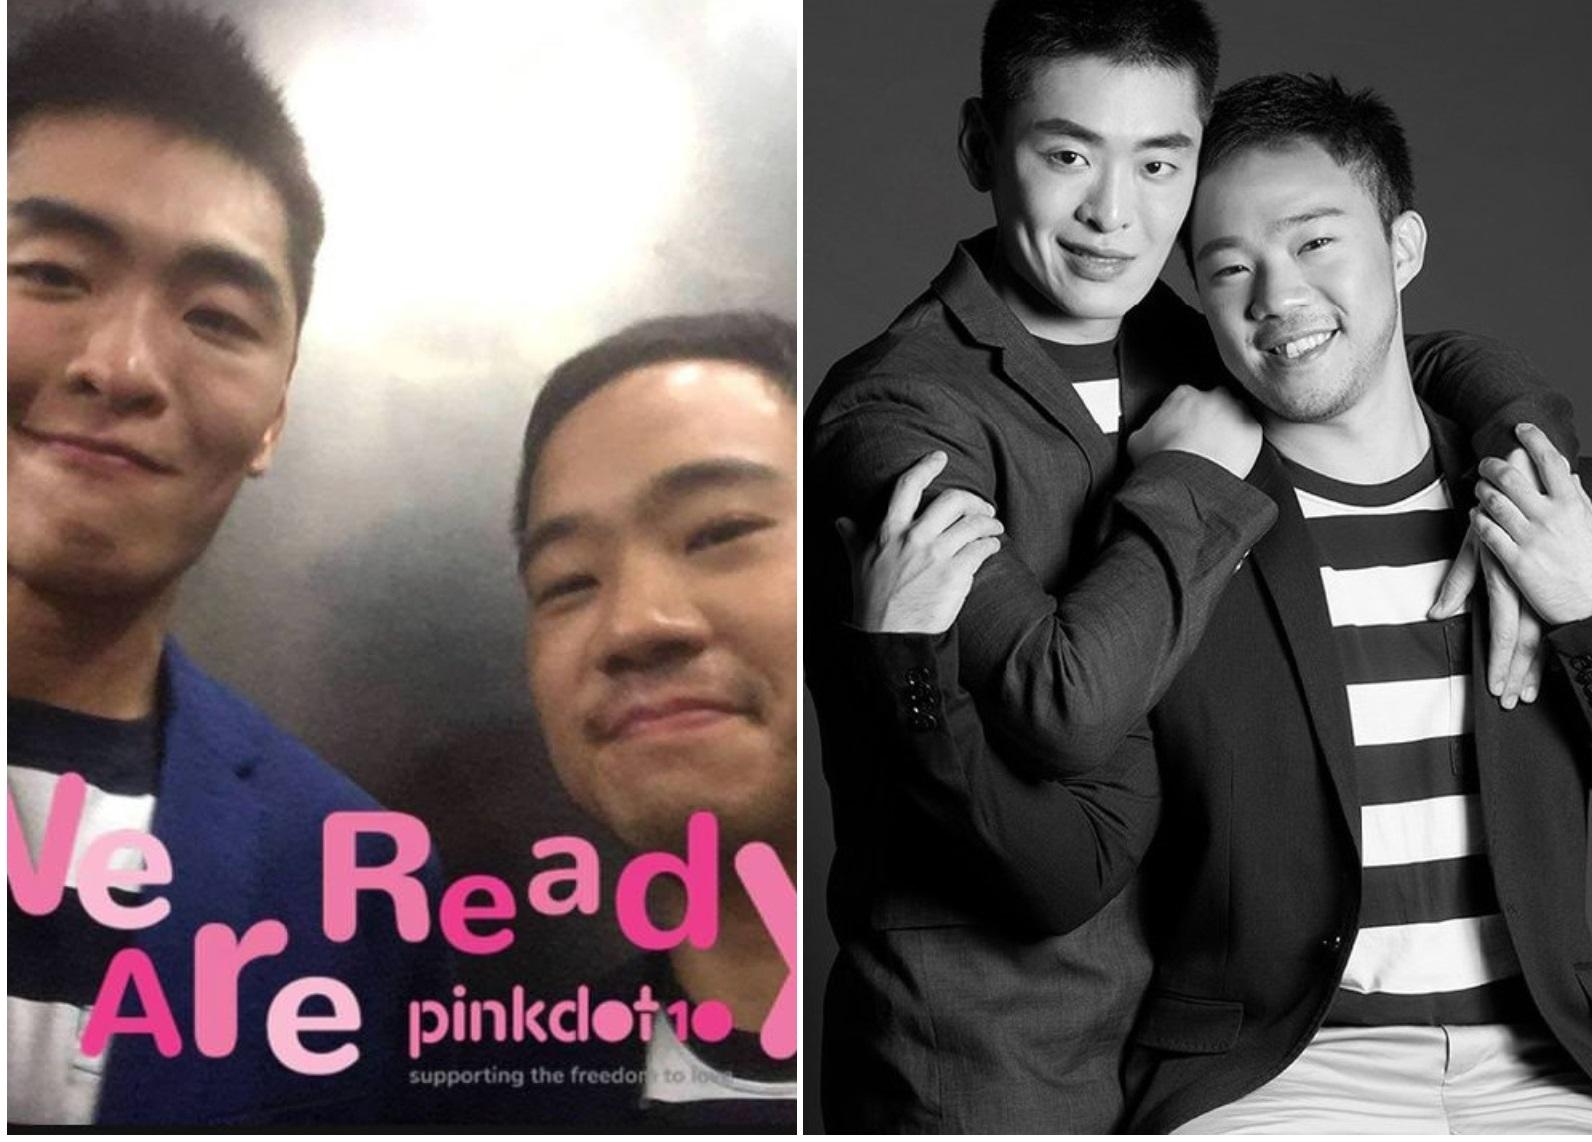 李恒武(左)本月稍早就已经在别的场合公开他与男友Yirui Heng的合照。周五是进一步在面子书昭告世人。-图截取自李恒武脸书-